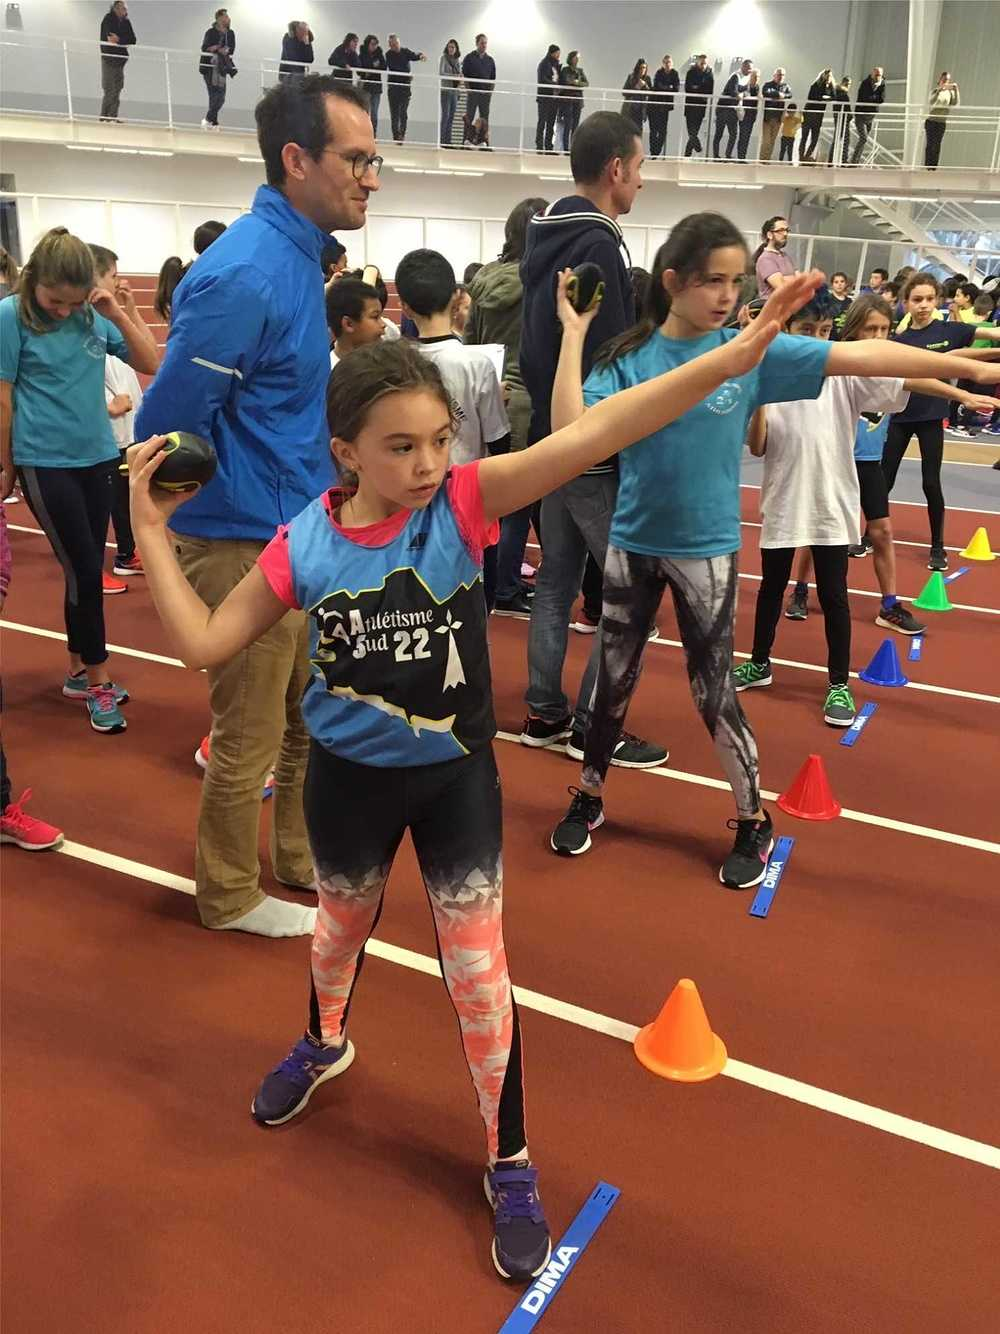 JSP Athlétisme : photos de la rencontre départementale image1